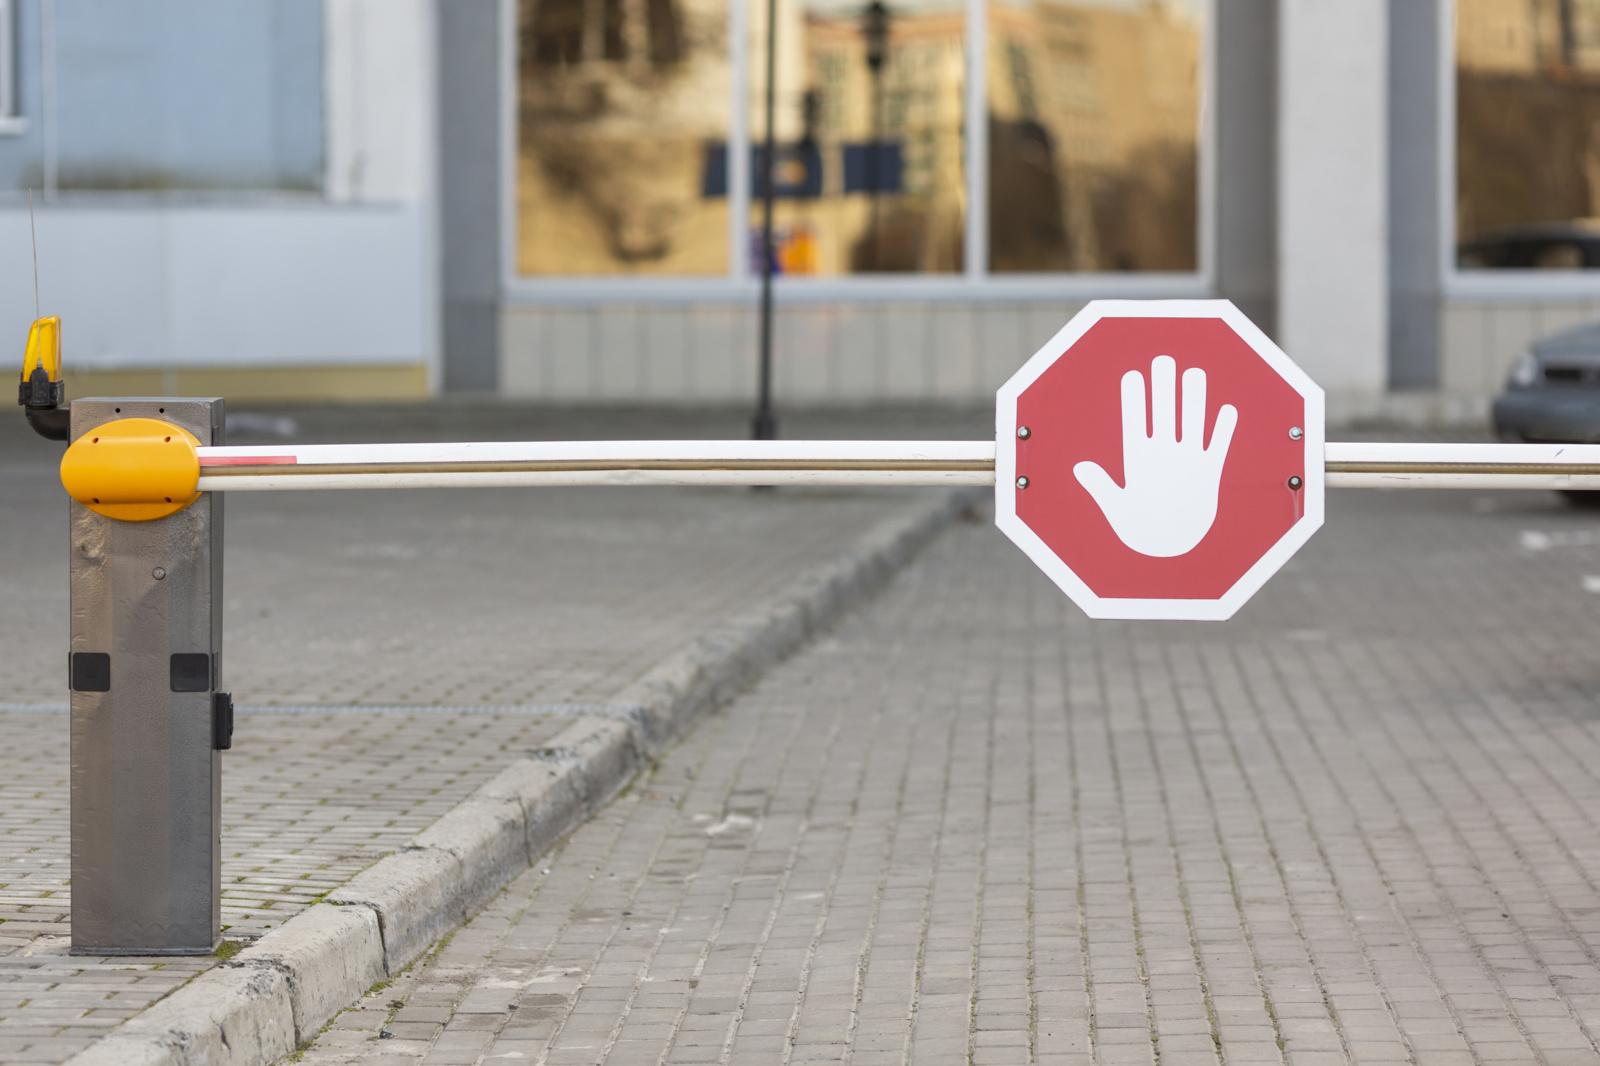 Vilniuje vairuotojas jėga pakėlė automatinį stovėjimo aikštelės užkardą ir išvažiavo